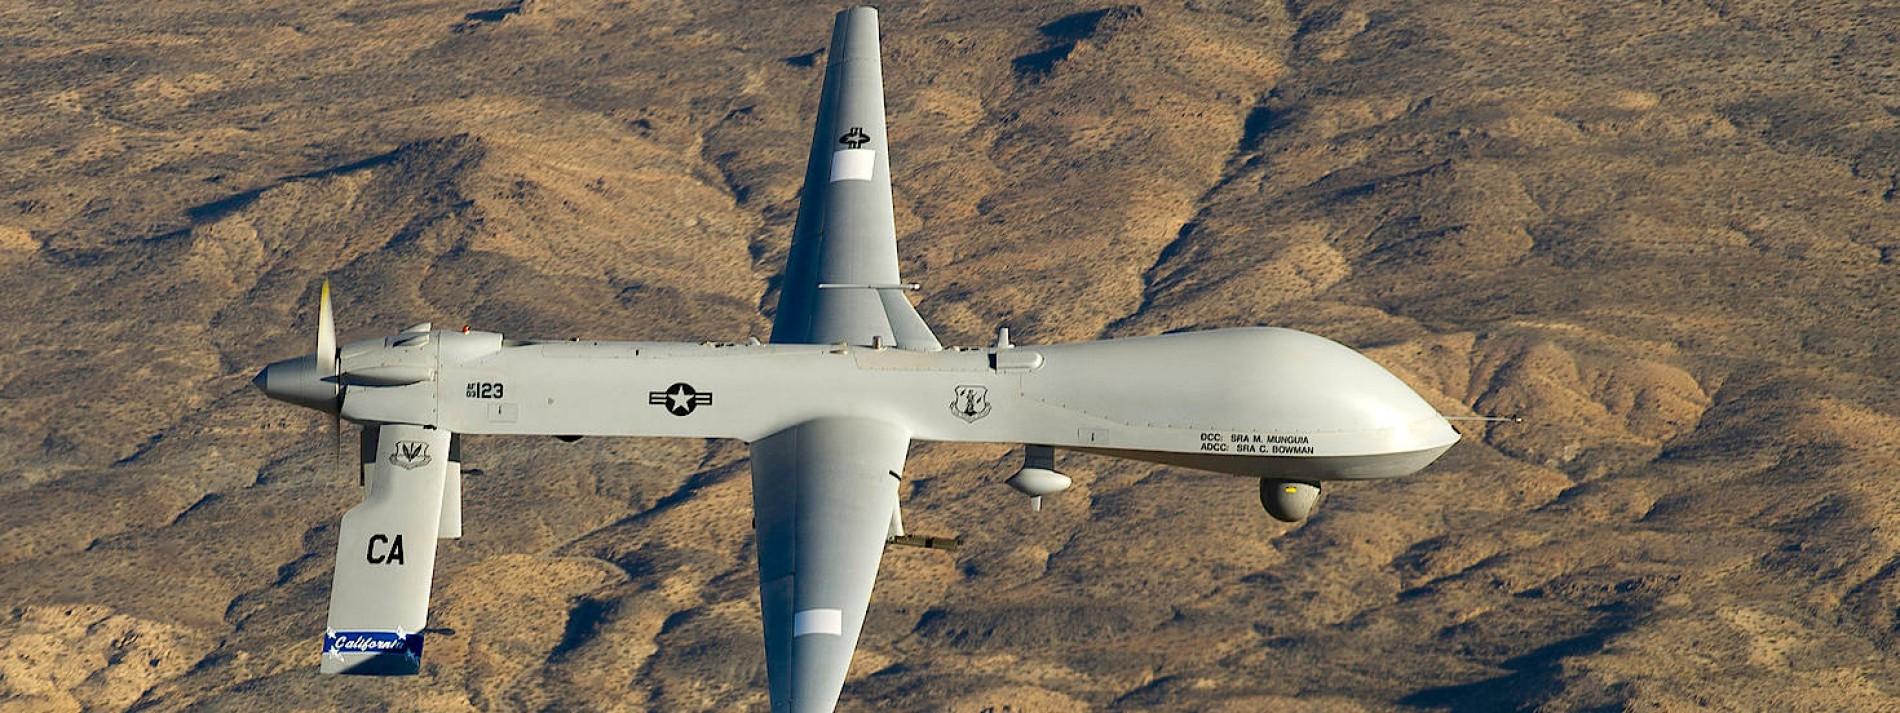 Pakistanischer Terrorist angeblich bei Drohnenangriff getötet